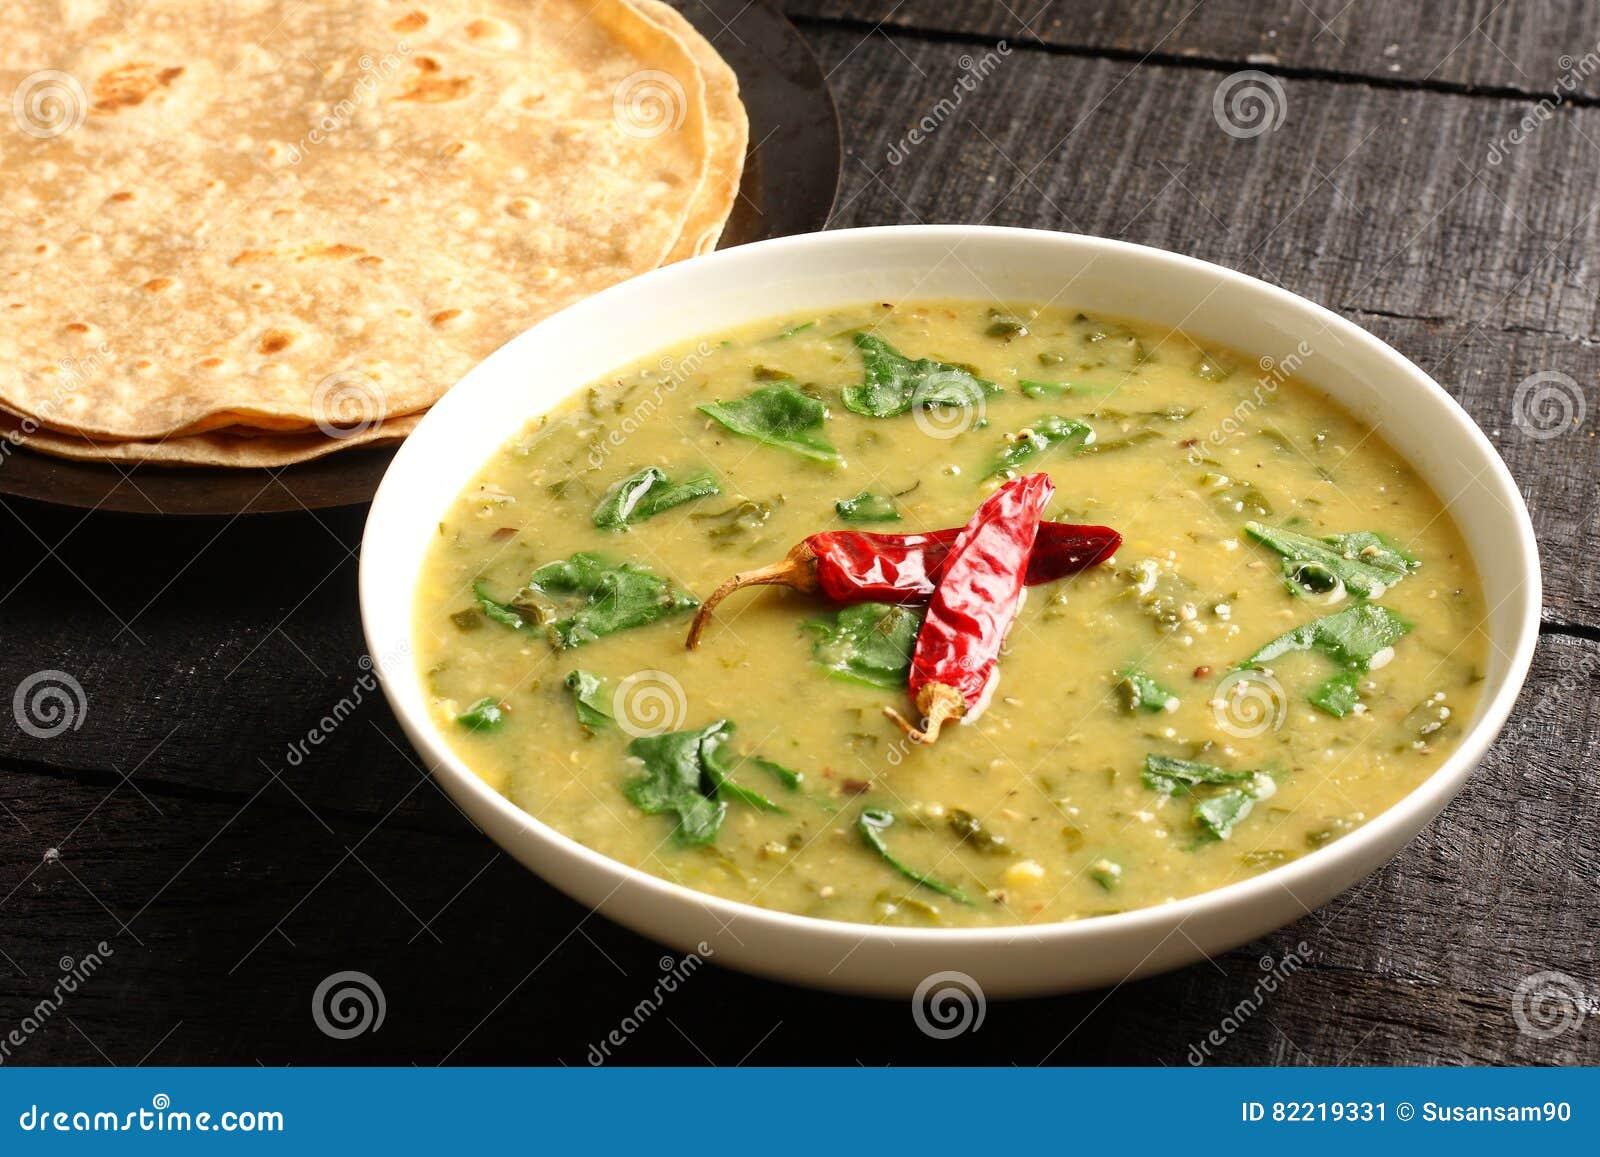 Indische cuisine- Dal palak schotel